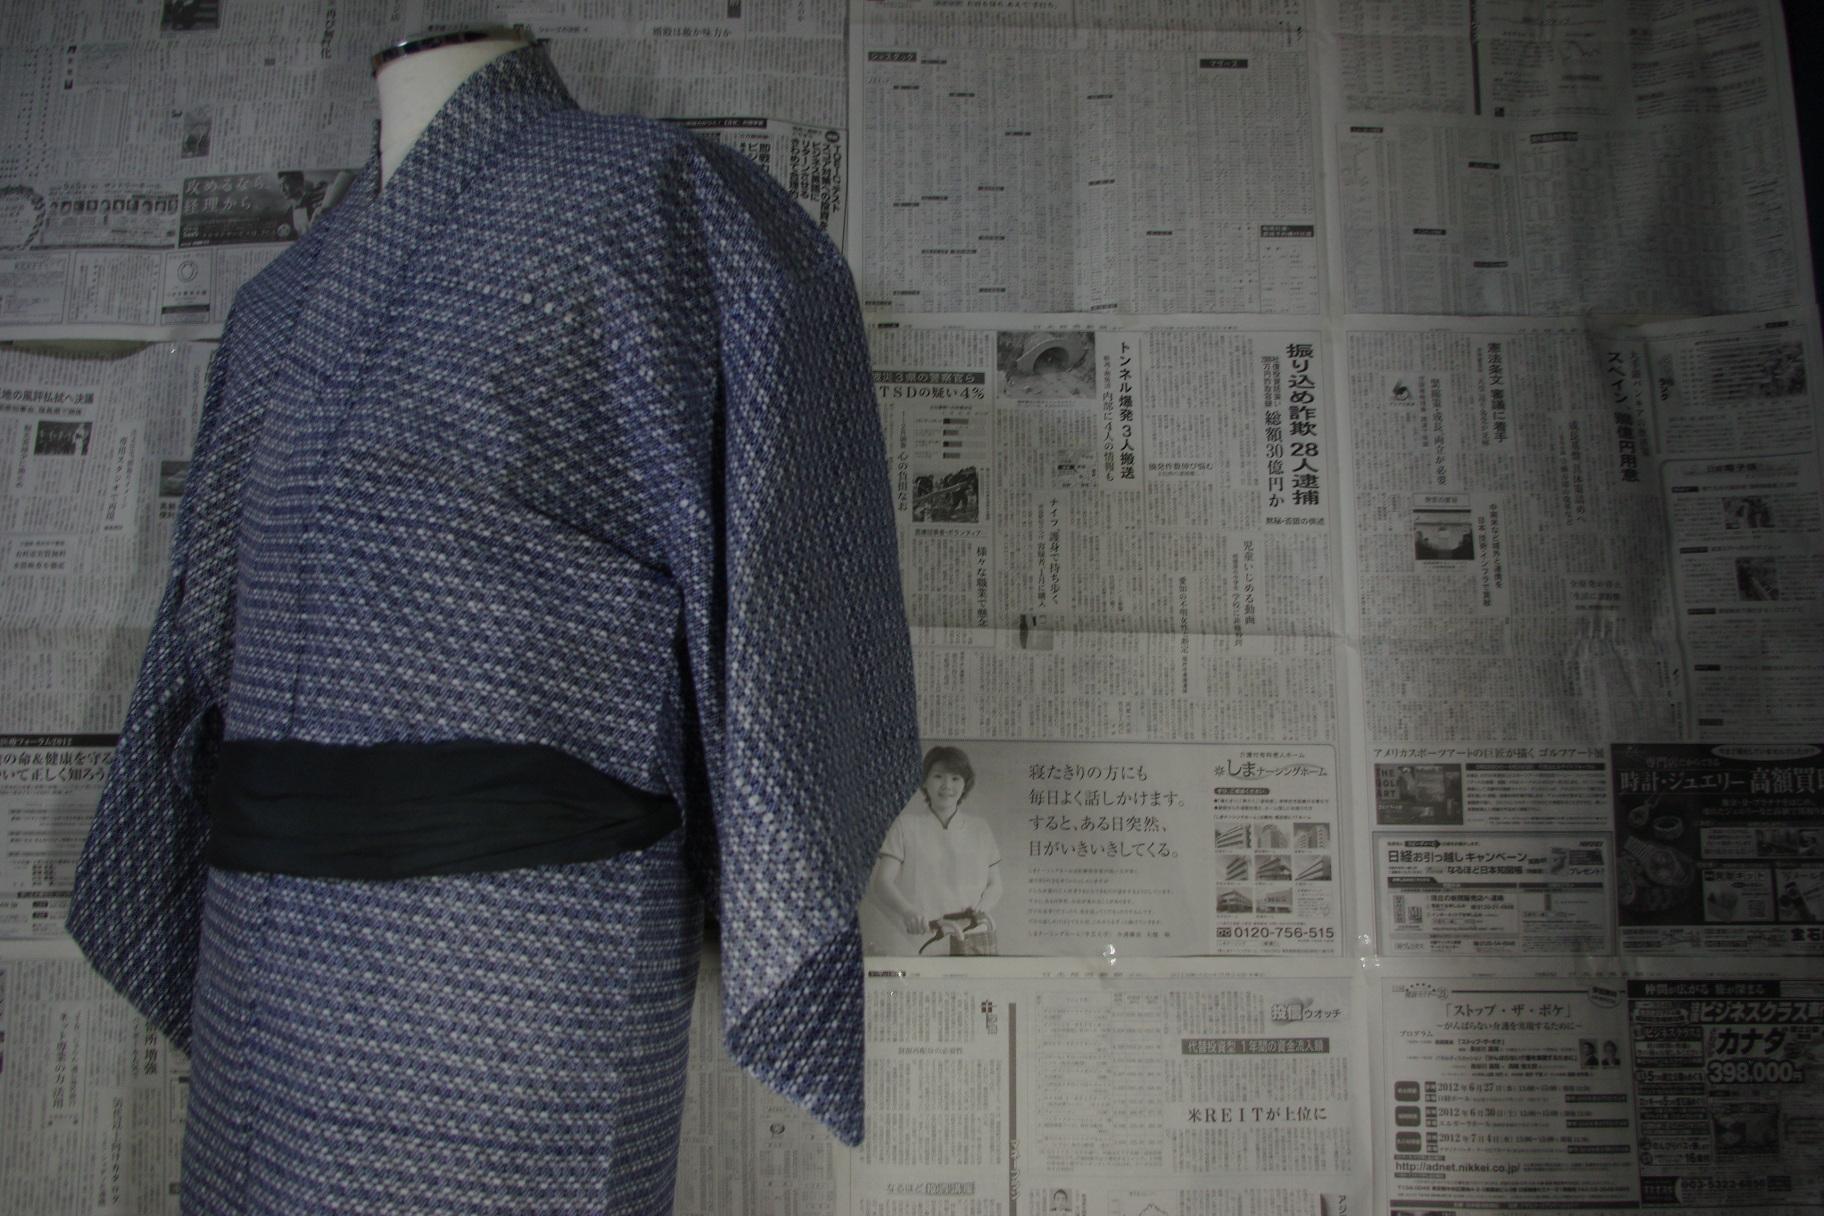 男の着物/kimono男子のための浴衣や足袋をオンラインで紹介